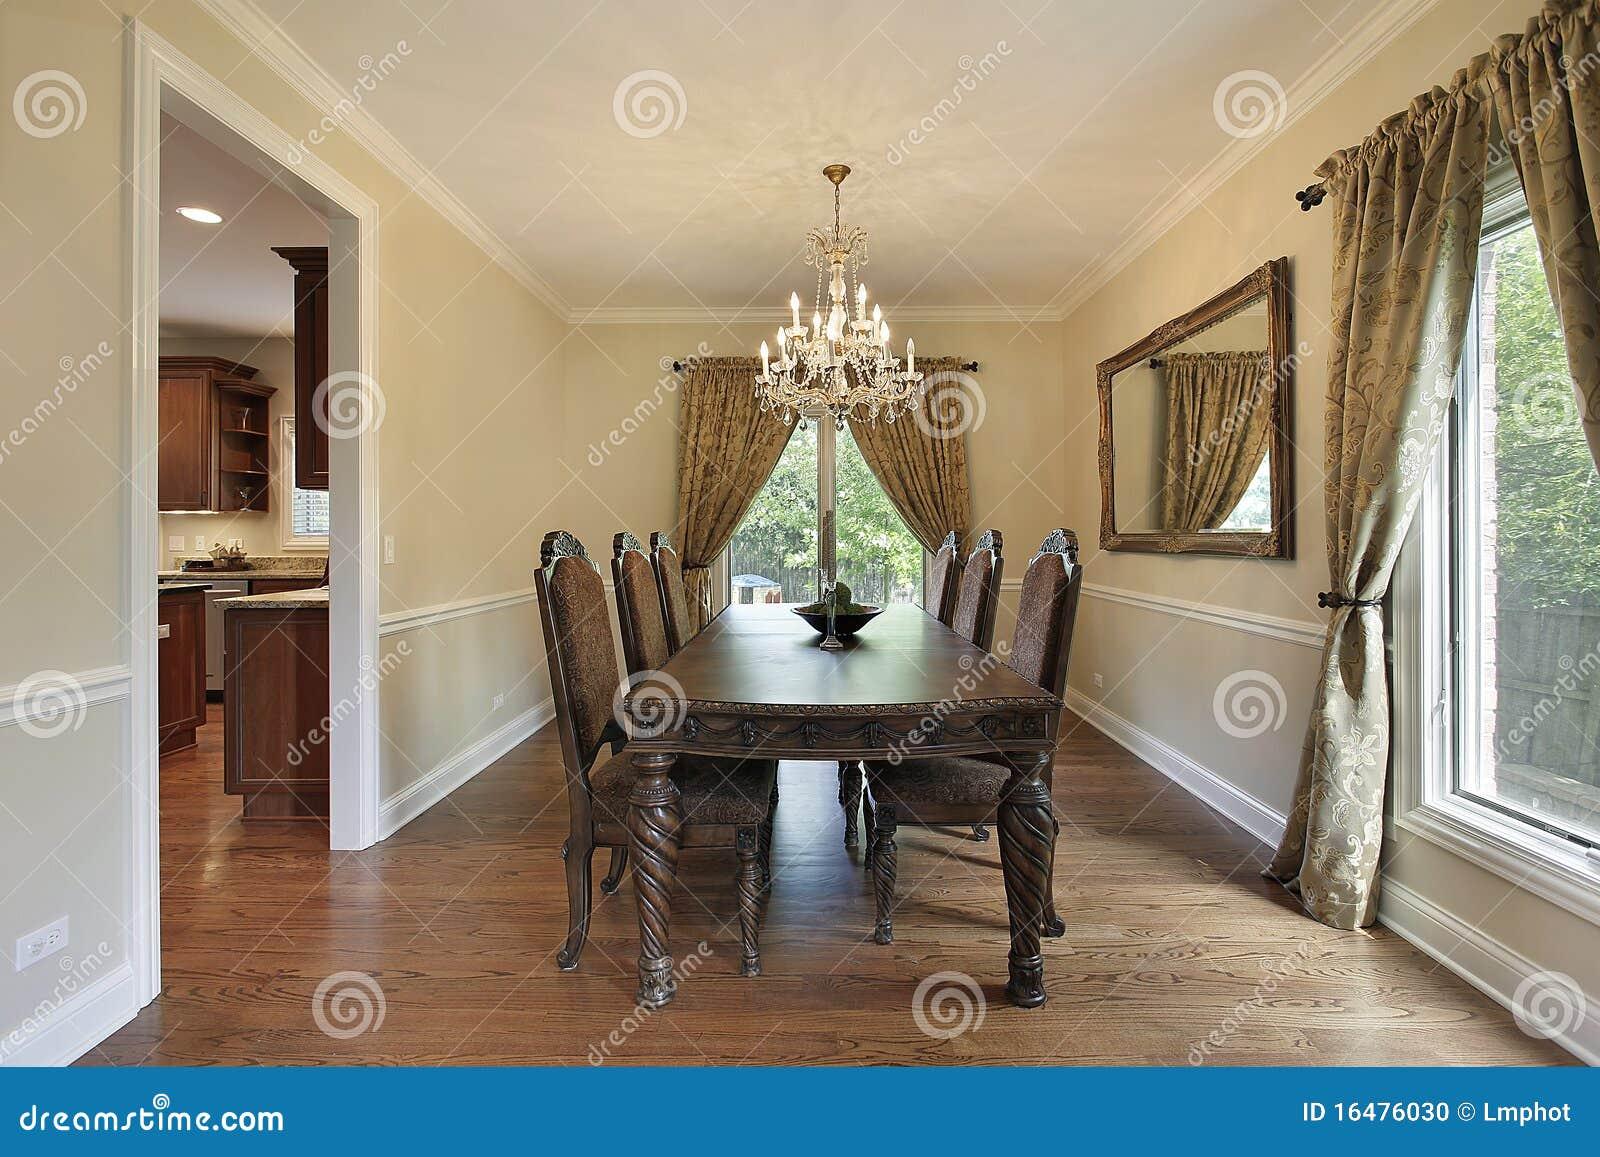 Salle manger avec des rideaux d 39 or photo stock image - Rideaux de salle a manger ...